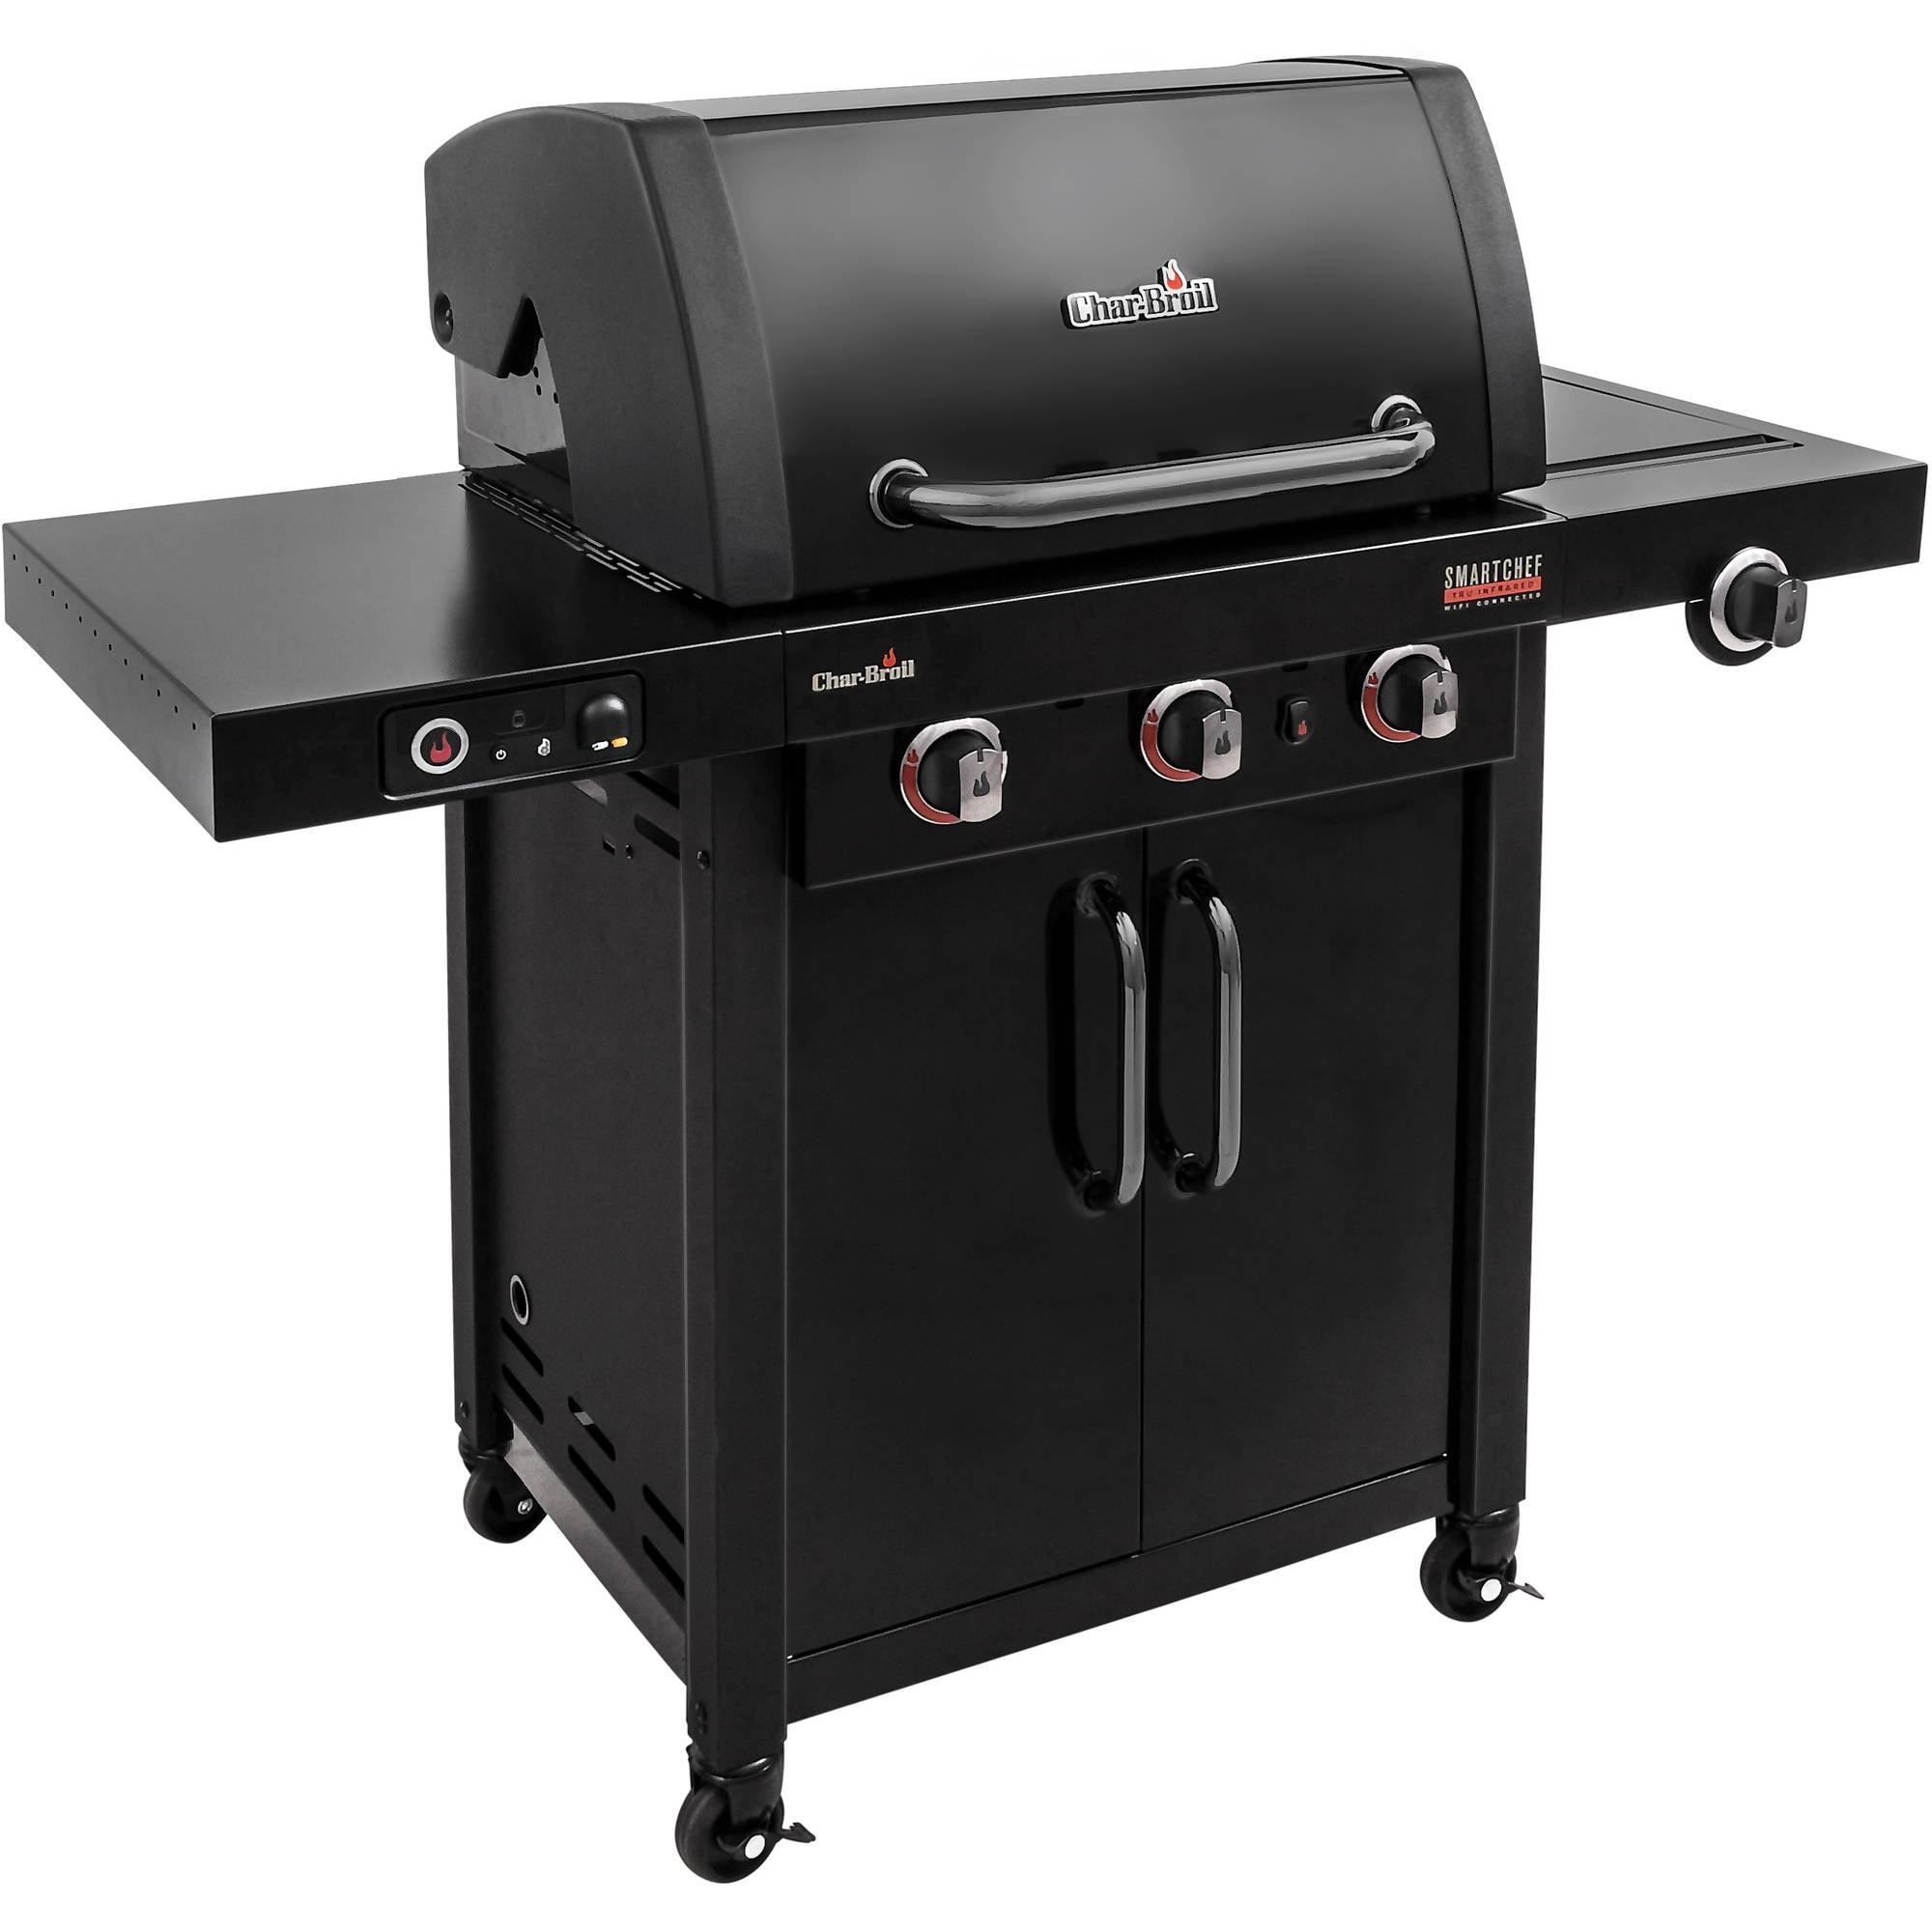 Char-Broil SmartChef TRU-Infrared 420 3-Burner Cabinet